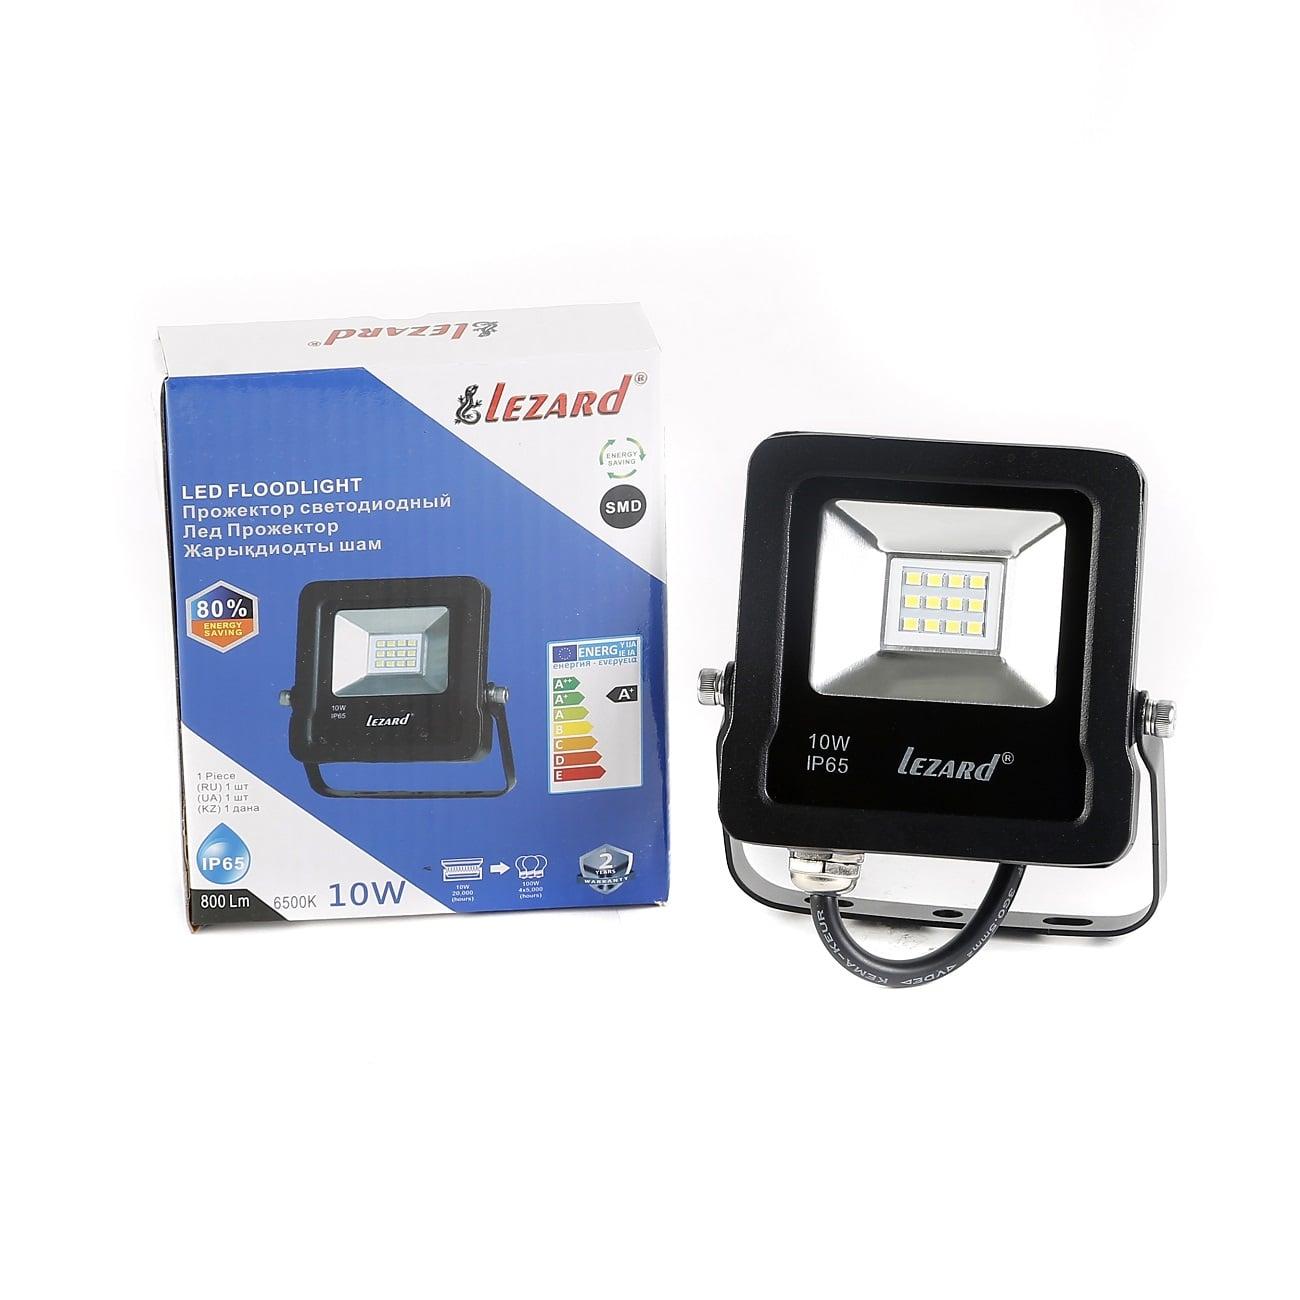 Светодиодное освещение - Прожектор светодиодный 10Вт Lezard 000001134 - Фото 1